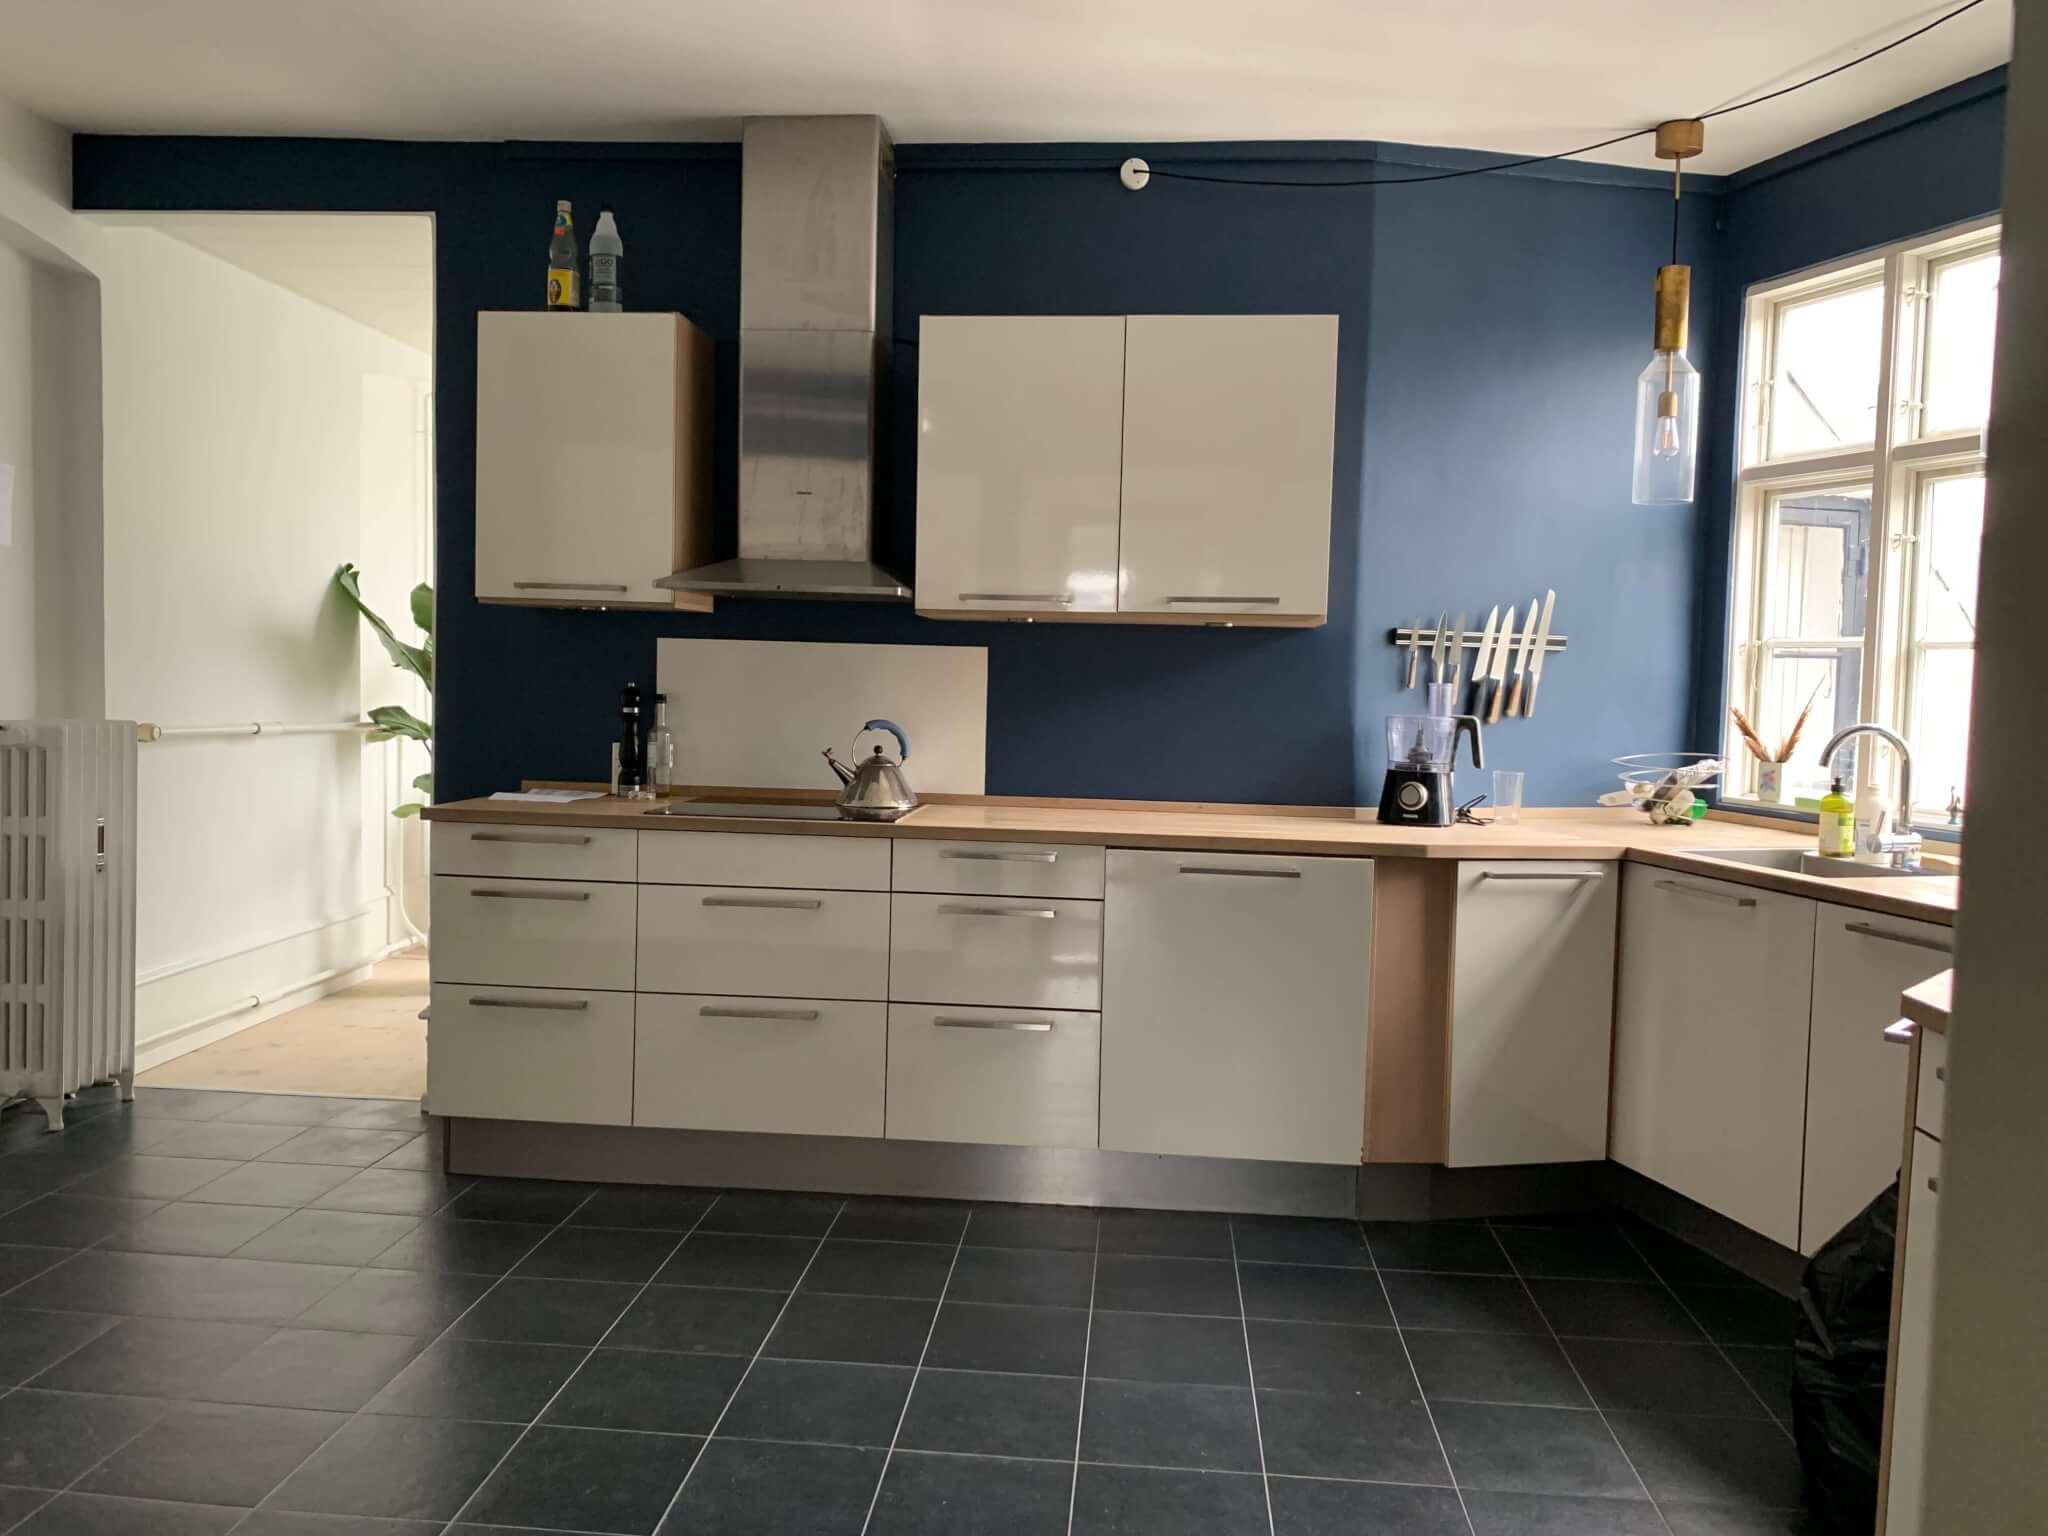 Opfriskning af køkken - med flot blå vægfarve